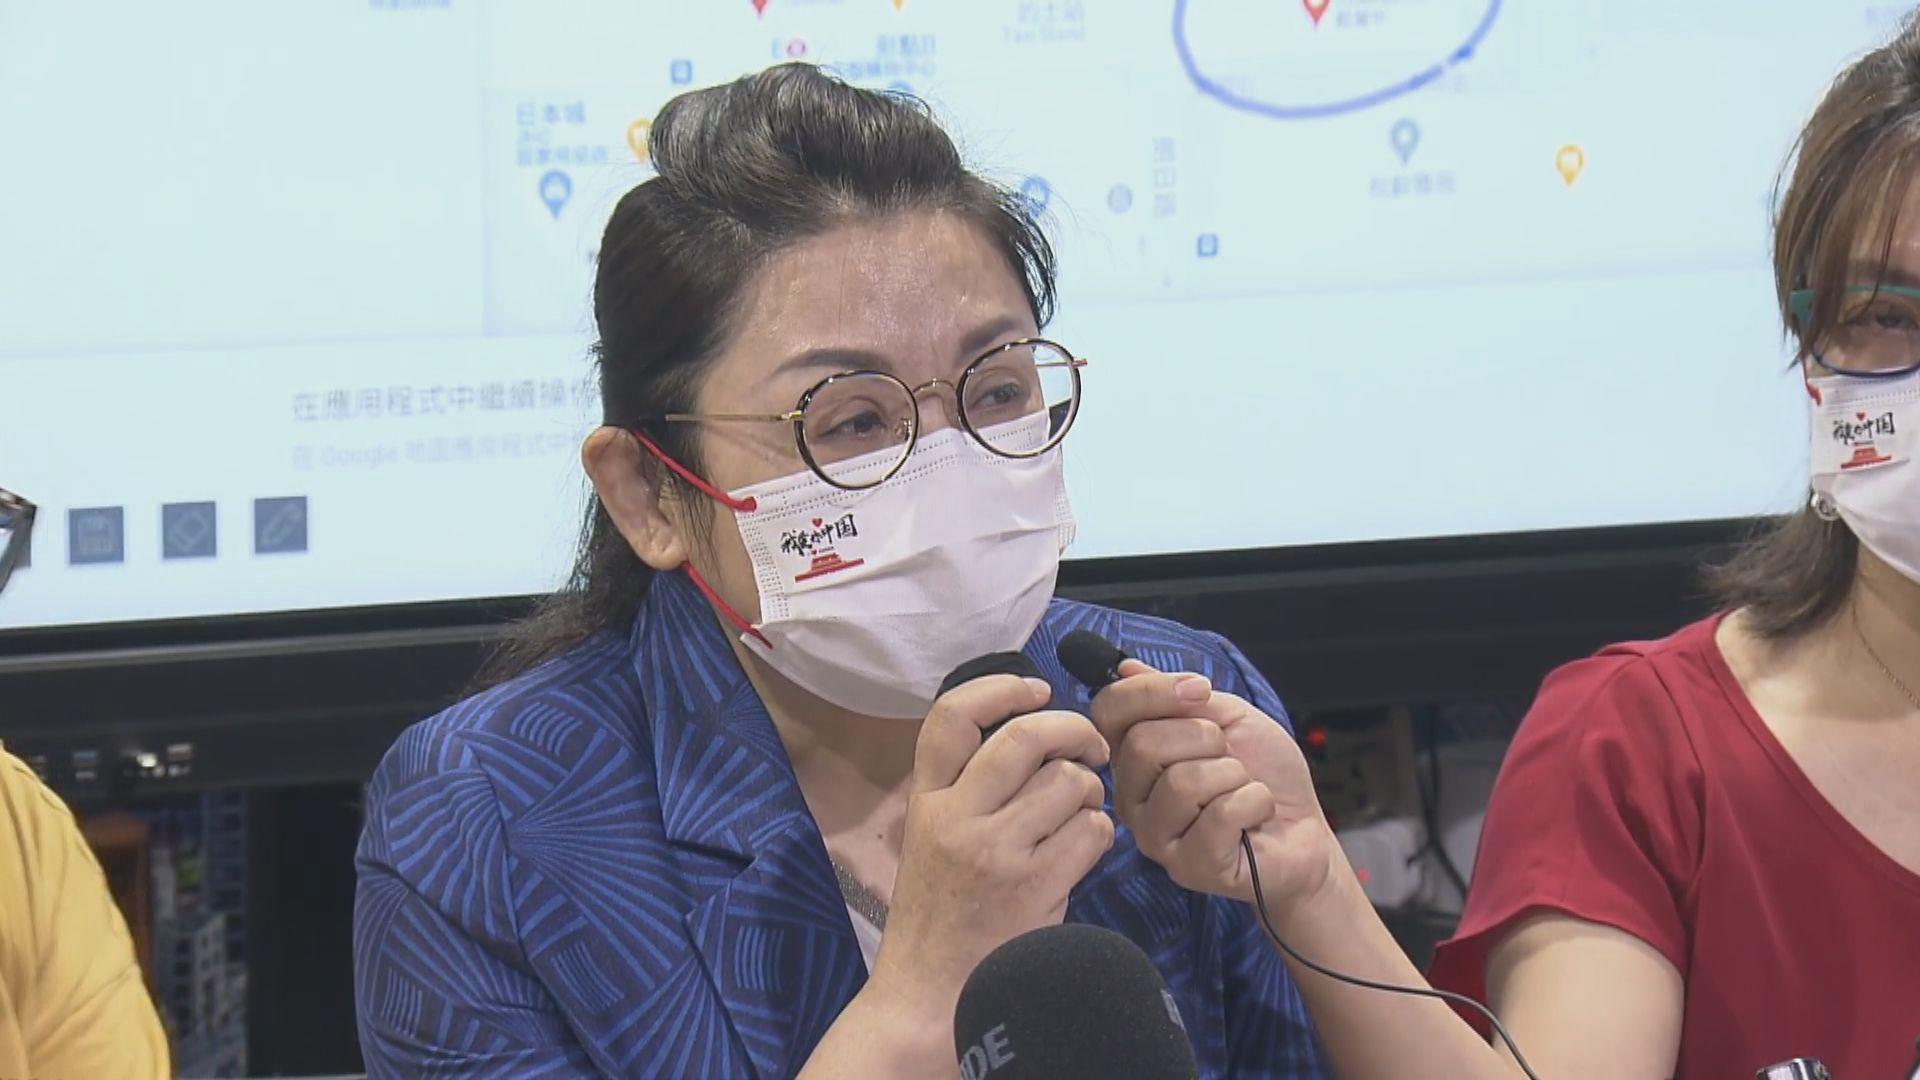 721元朗白衣人暴動案 鄧懷琛家人稱正申請提出上訴